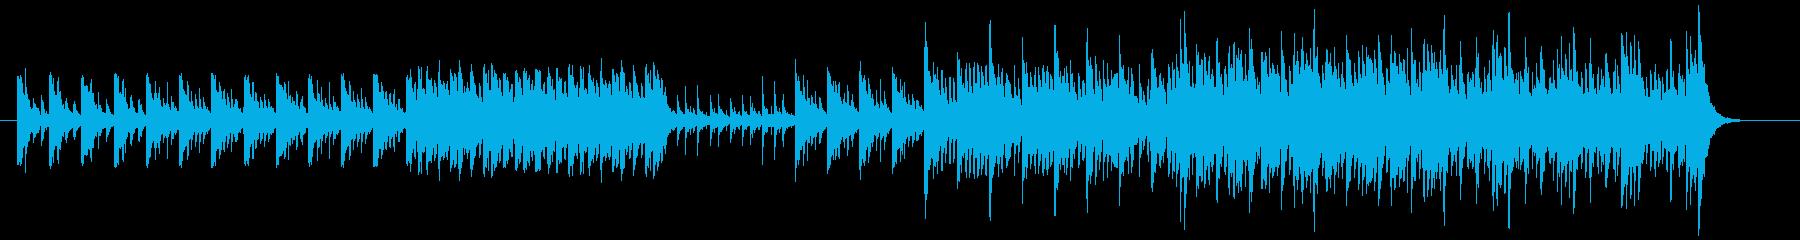 太鼓を使用したBGMのその2です。の再生済みの波形